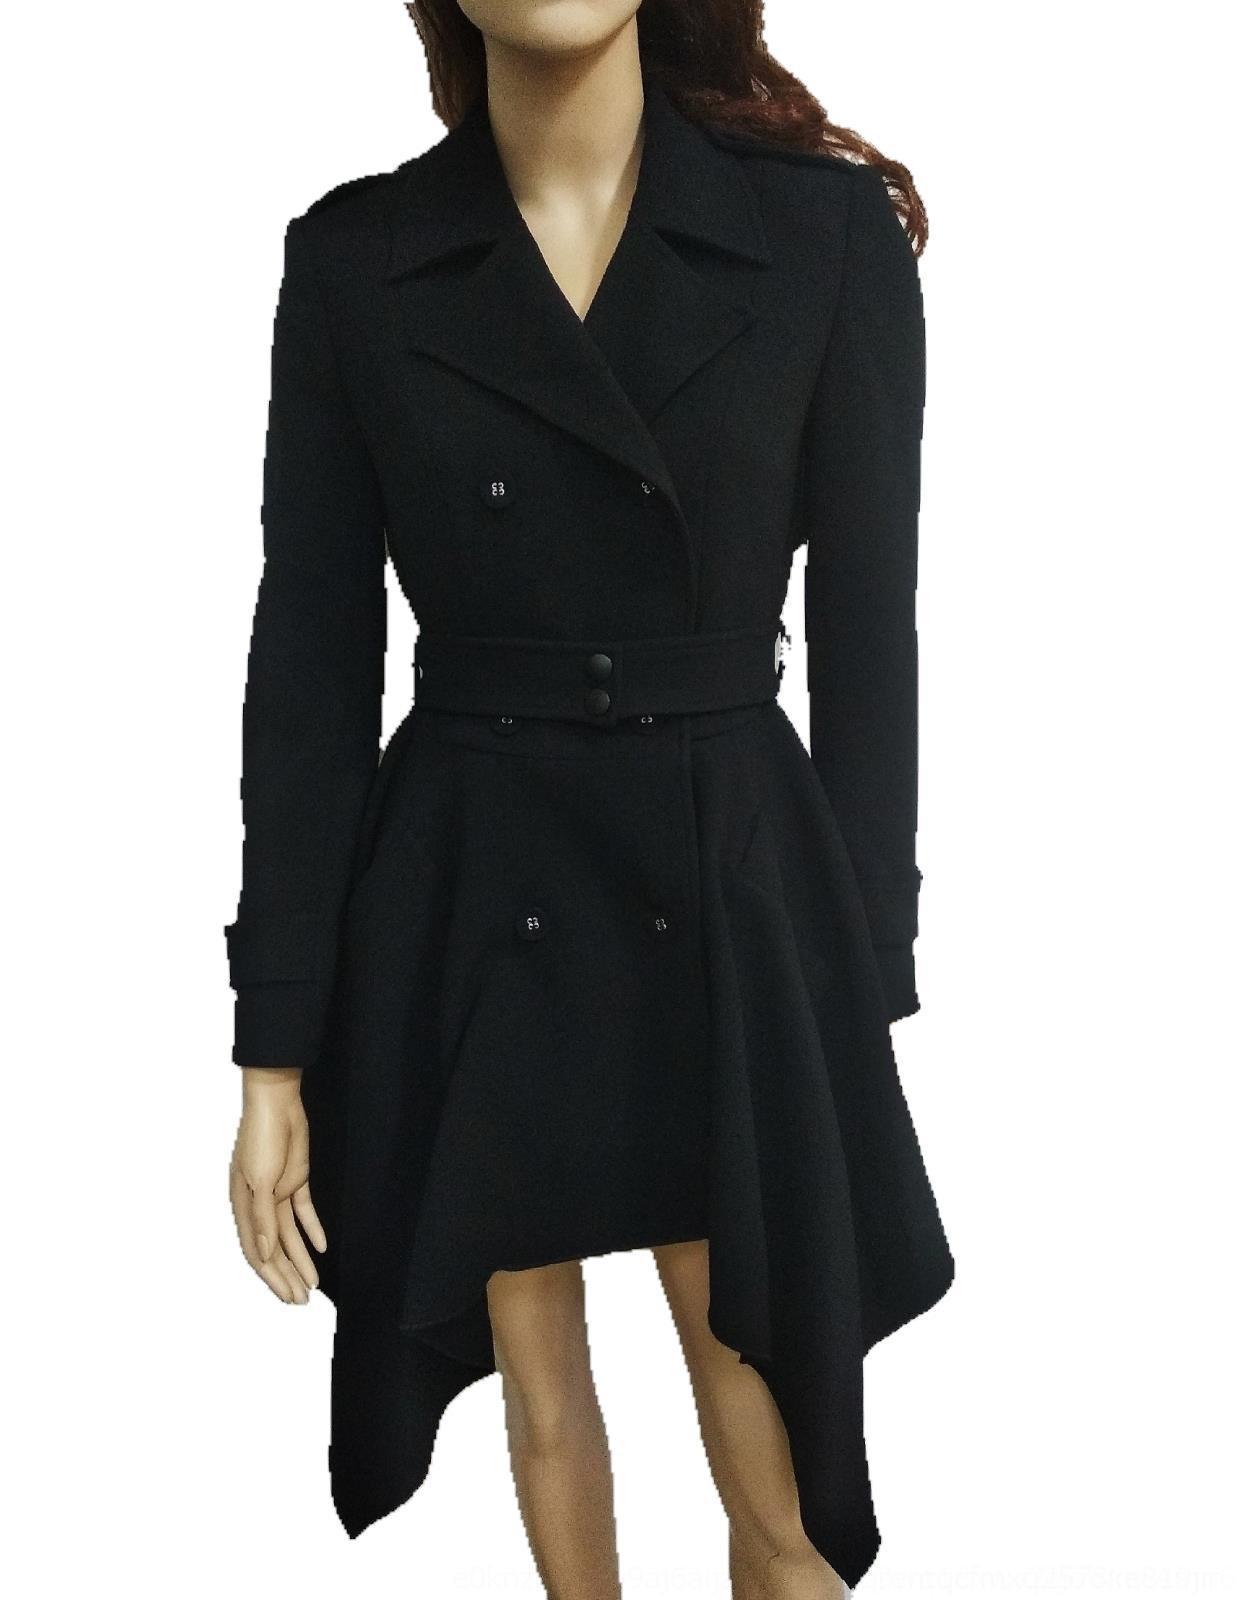 Htbd0 0Rgn2 e Windbreaker l'autunno High-end d'inverno cappotto nuovo di lunghezza media di riparazione modo del cappotto dimagrante trincea delle donne irregolari 2020 giacca a vento